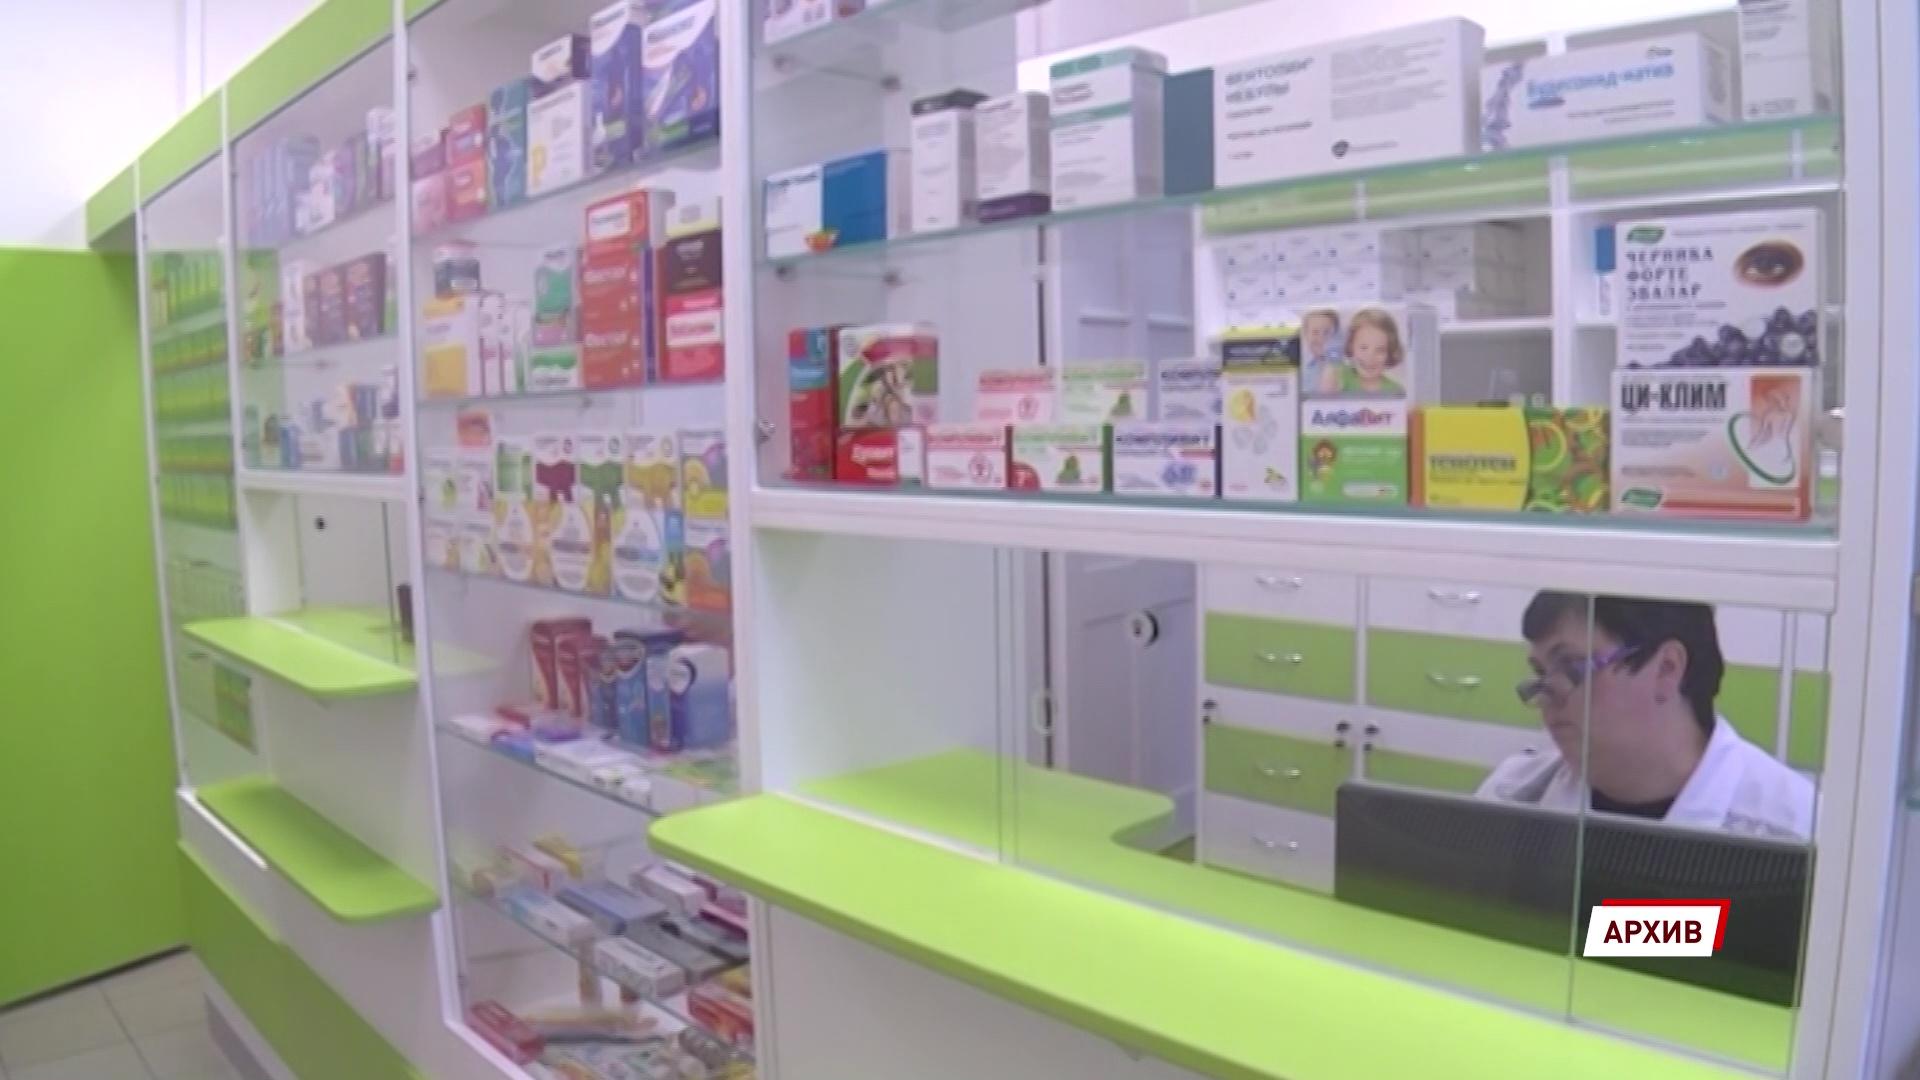 С 1 июля лекарства, обувь и сигареты должны проходить обязательную маркировку